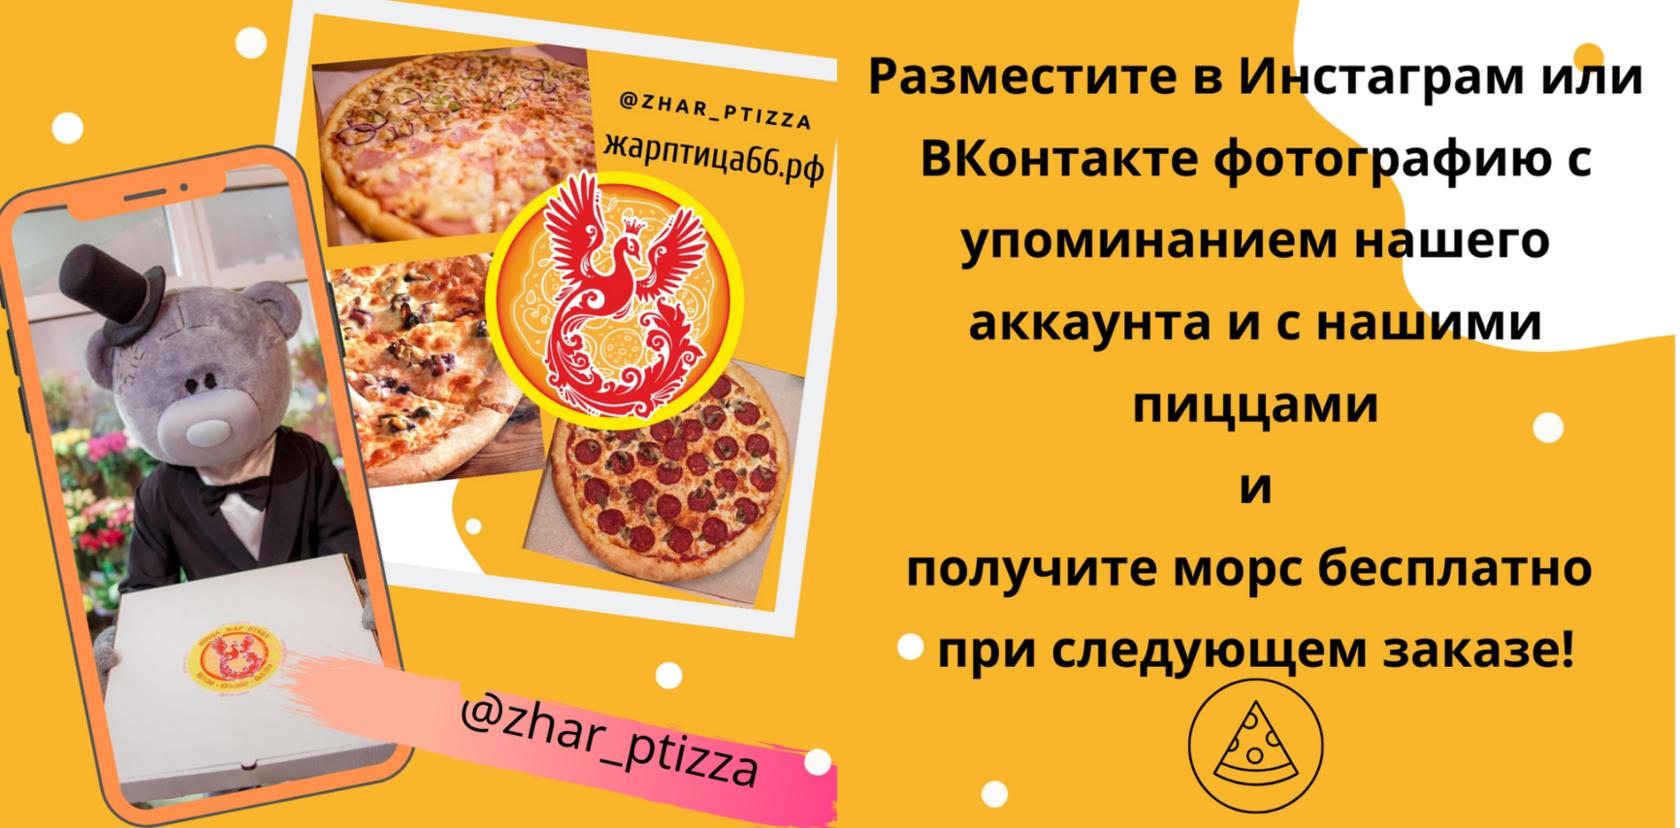 Размести пиццу и роллы Жар-Птица в VK или Инстаграм получи морс в подарок